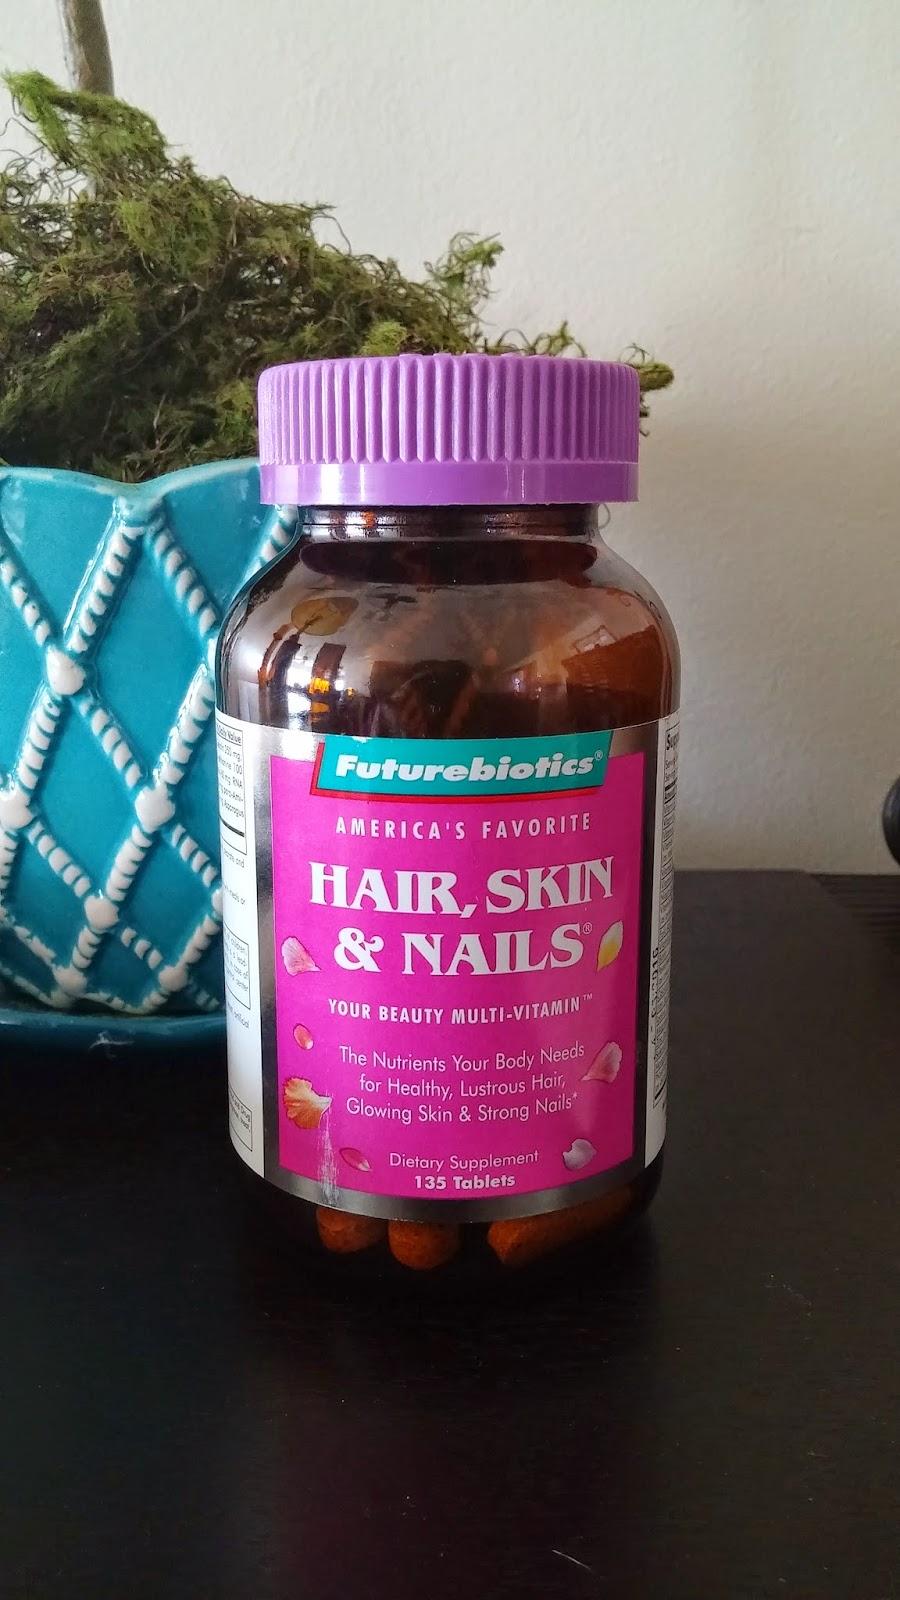 Futurebiotics Hair, Skin and Nails Review